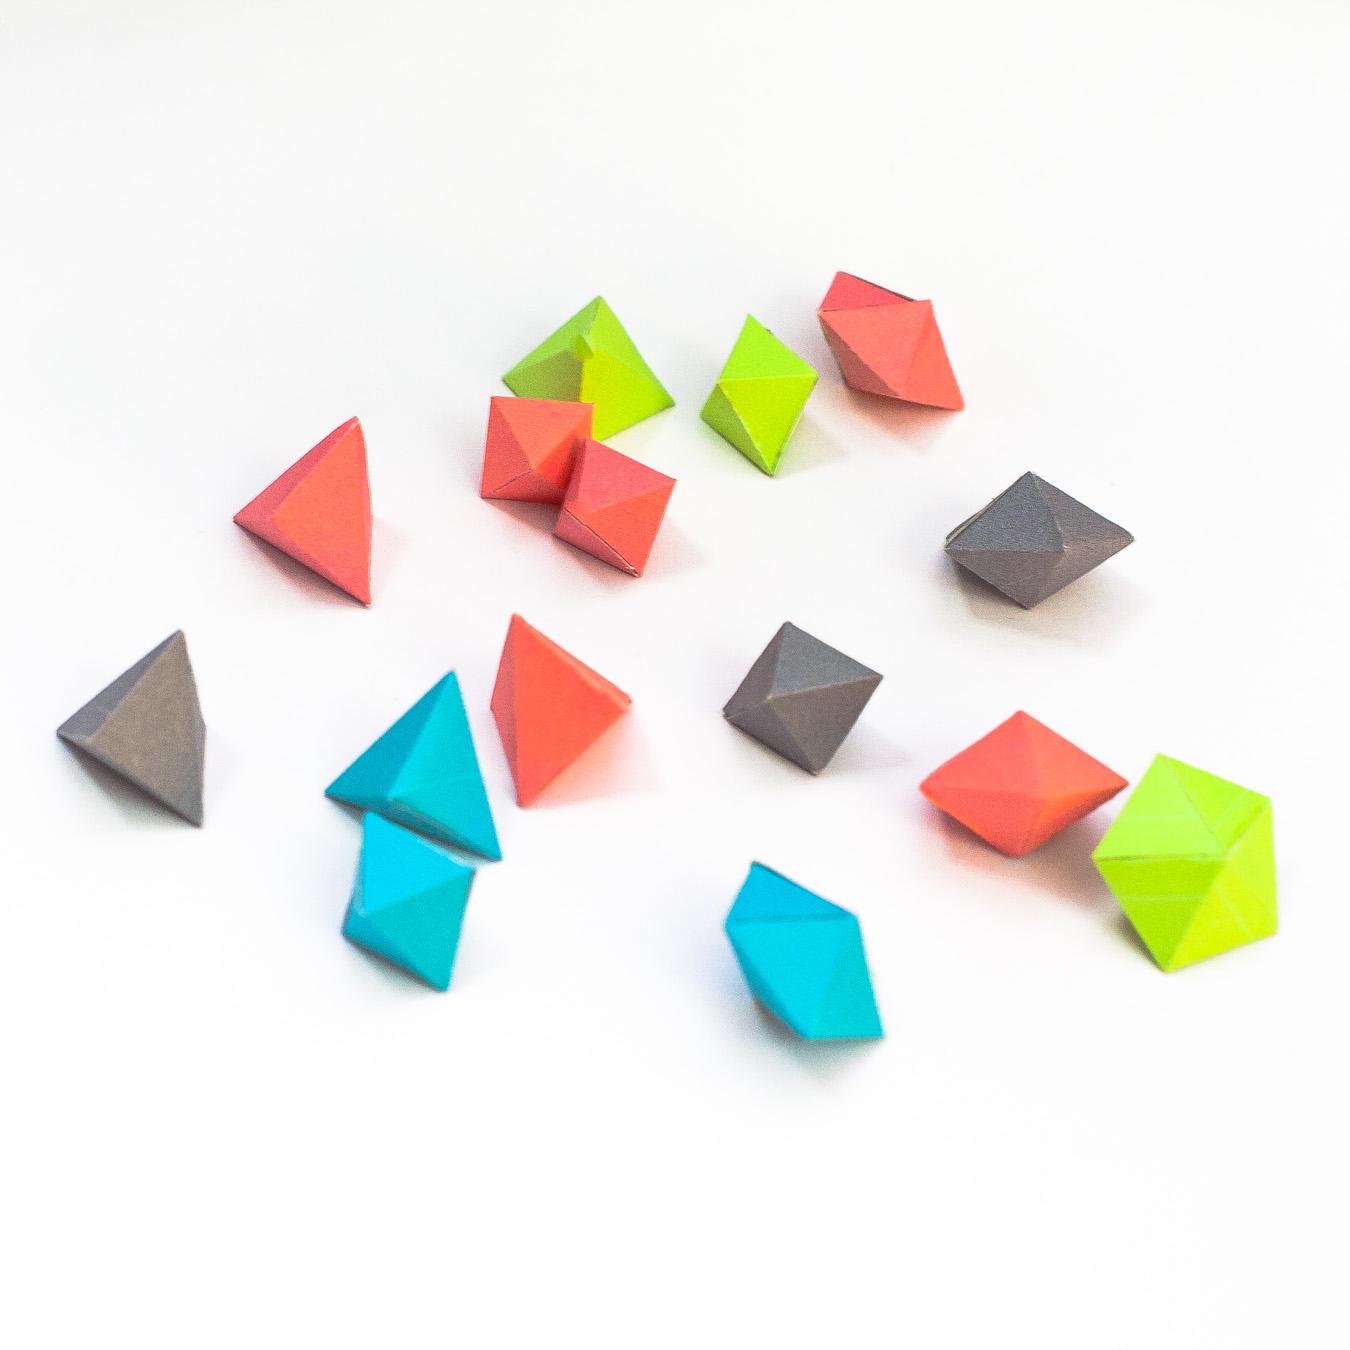 วิธีทำของเล่นโมเดลกระดาษทรงเรขาคณิต 002